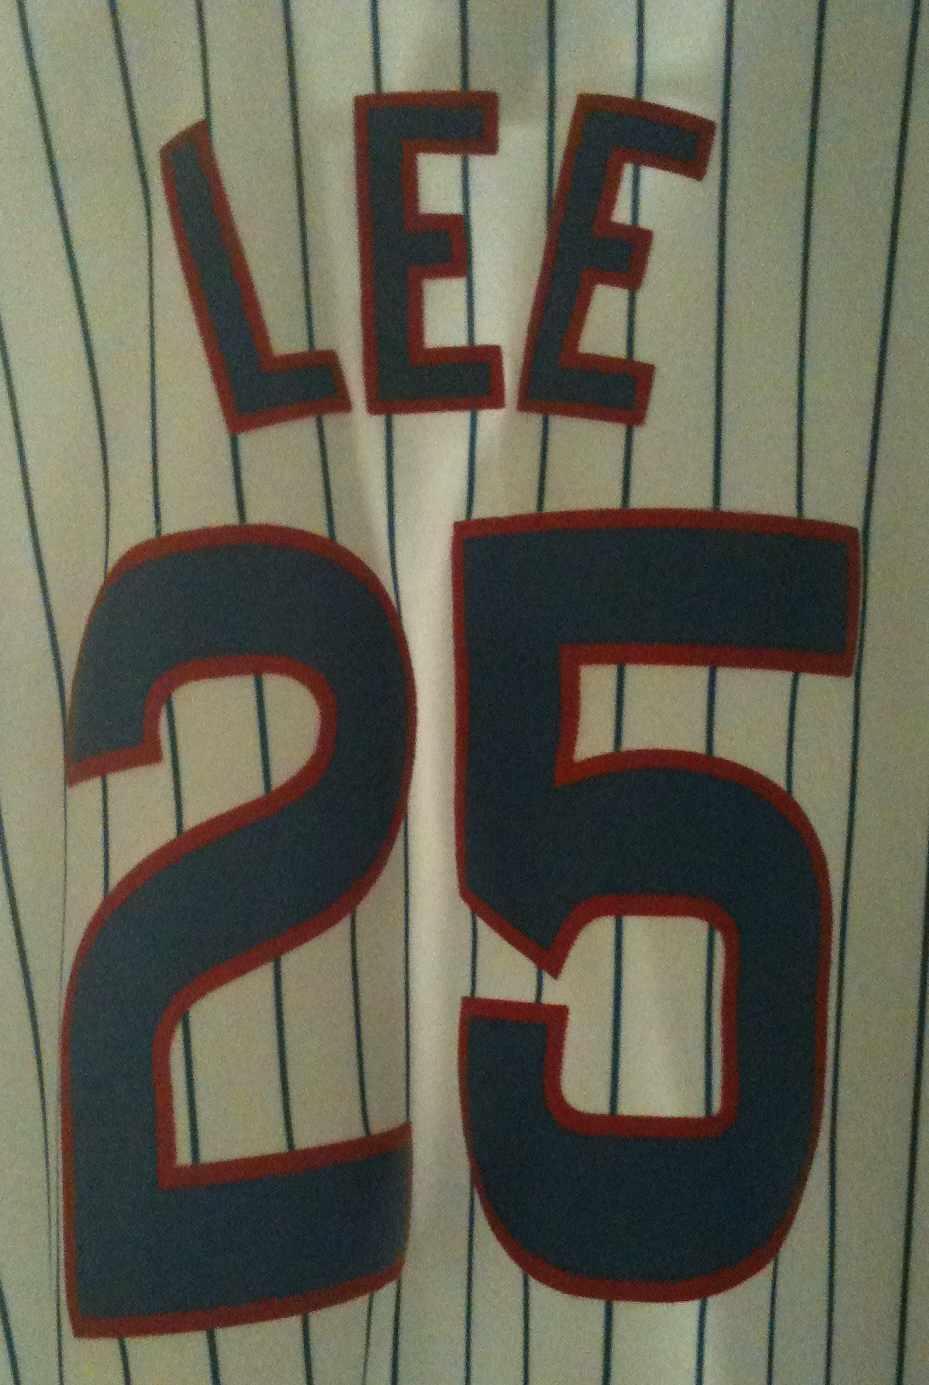 Derek Lee